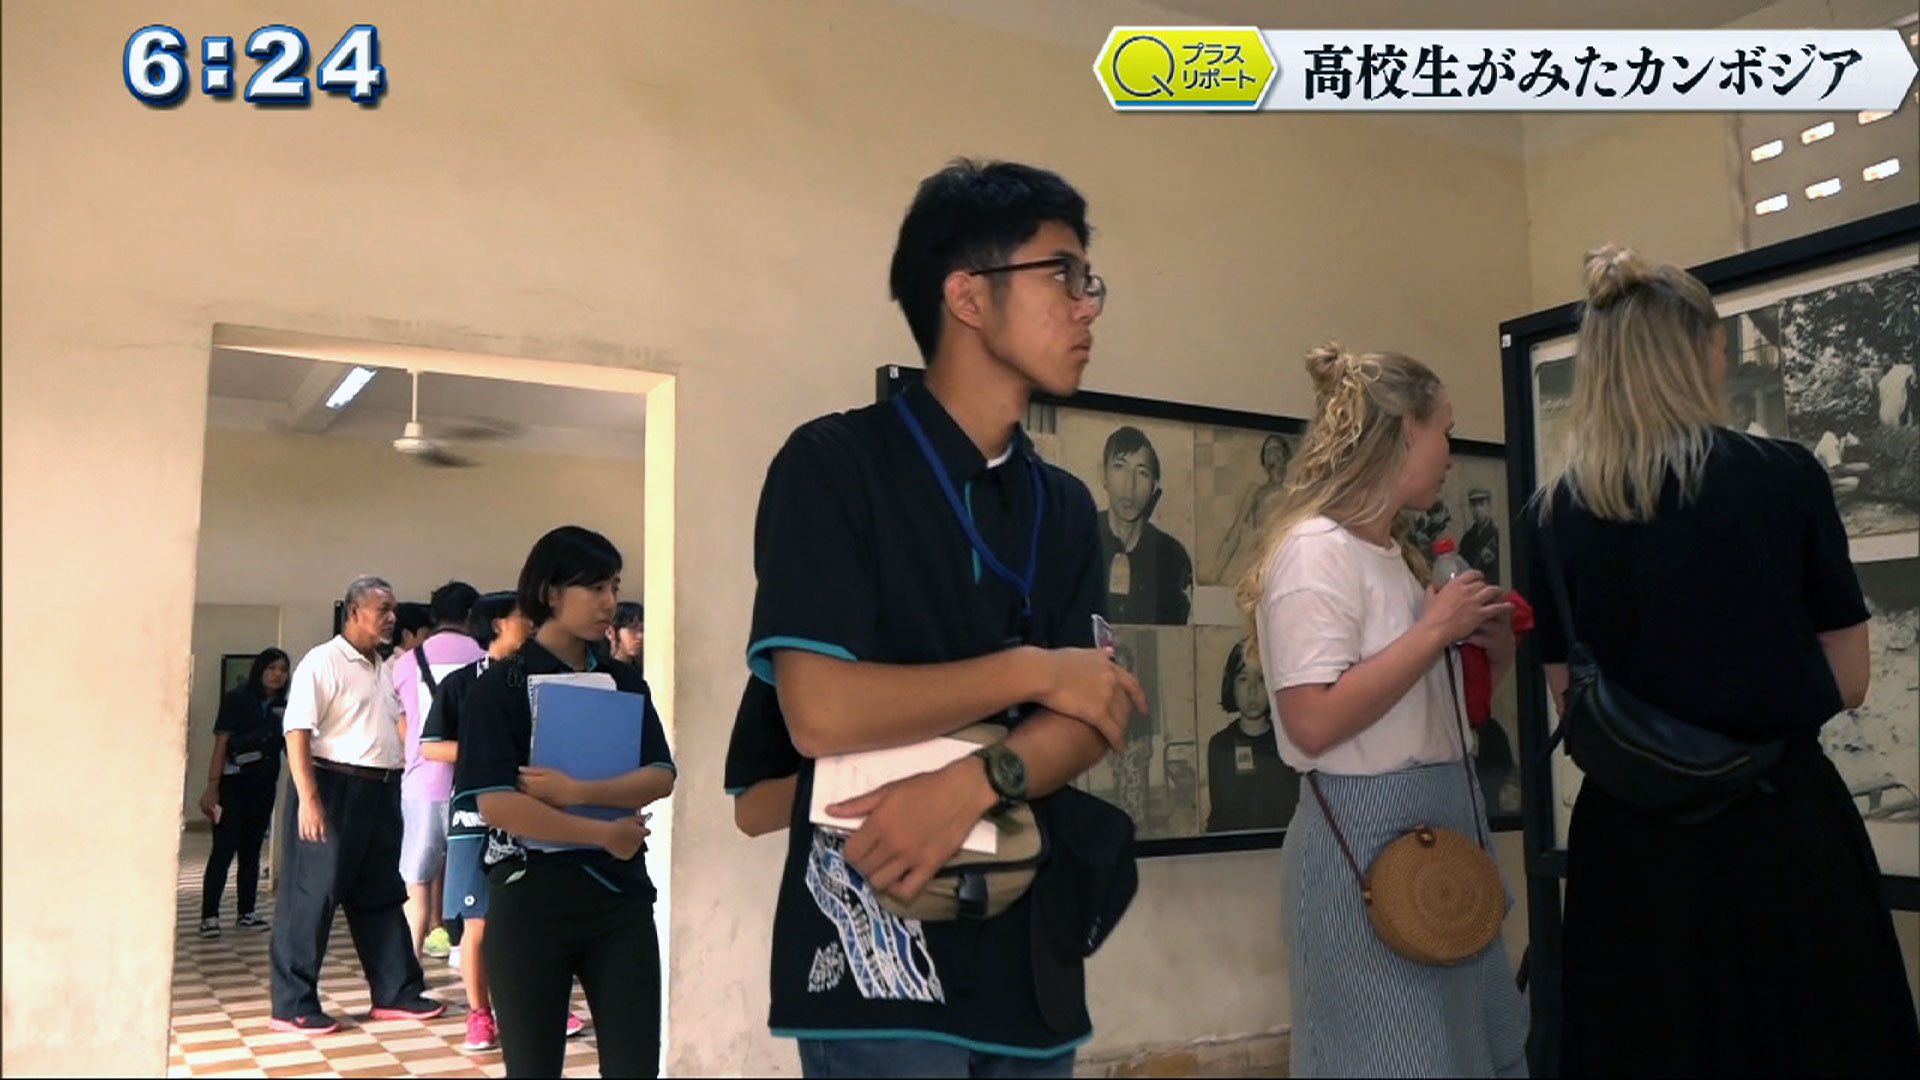 Qプラスリポート 高校生がみたカンボジア